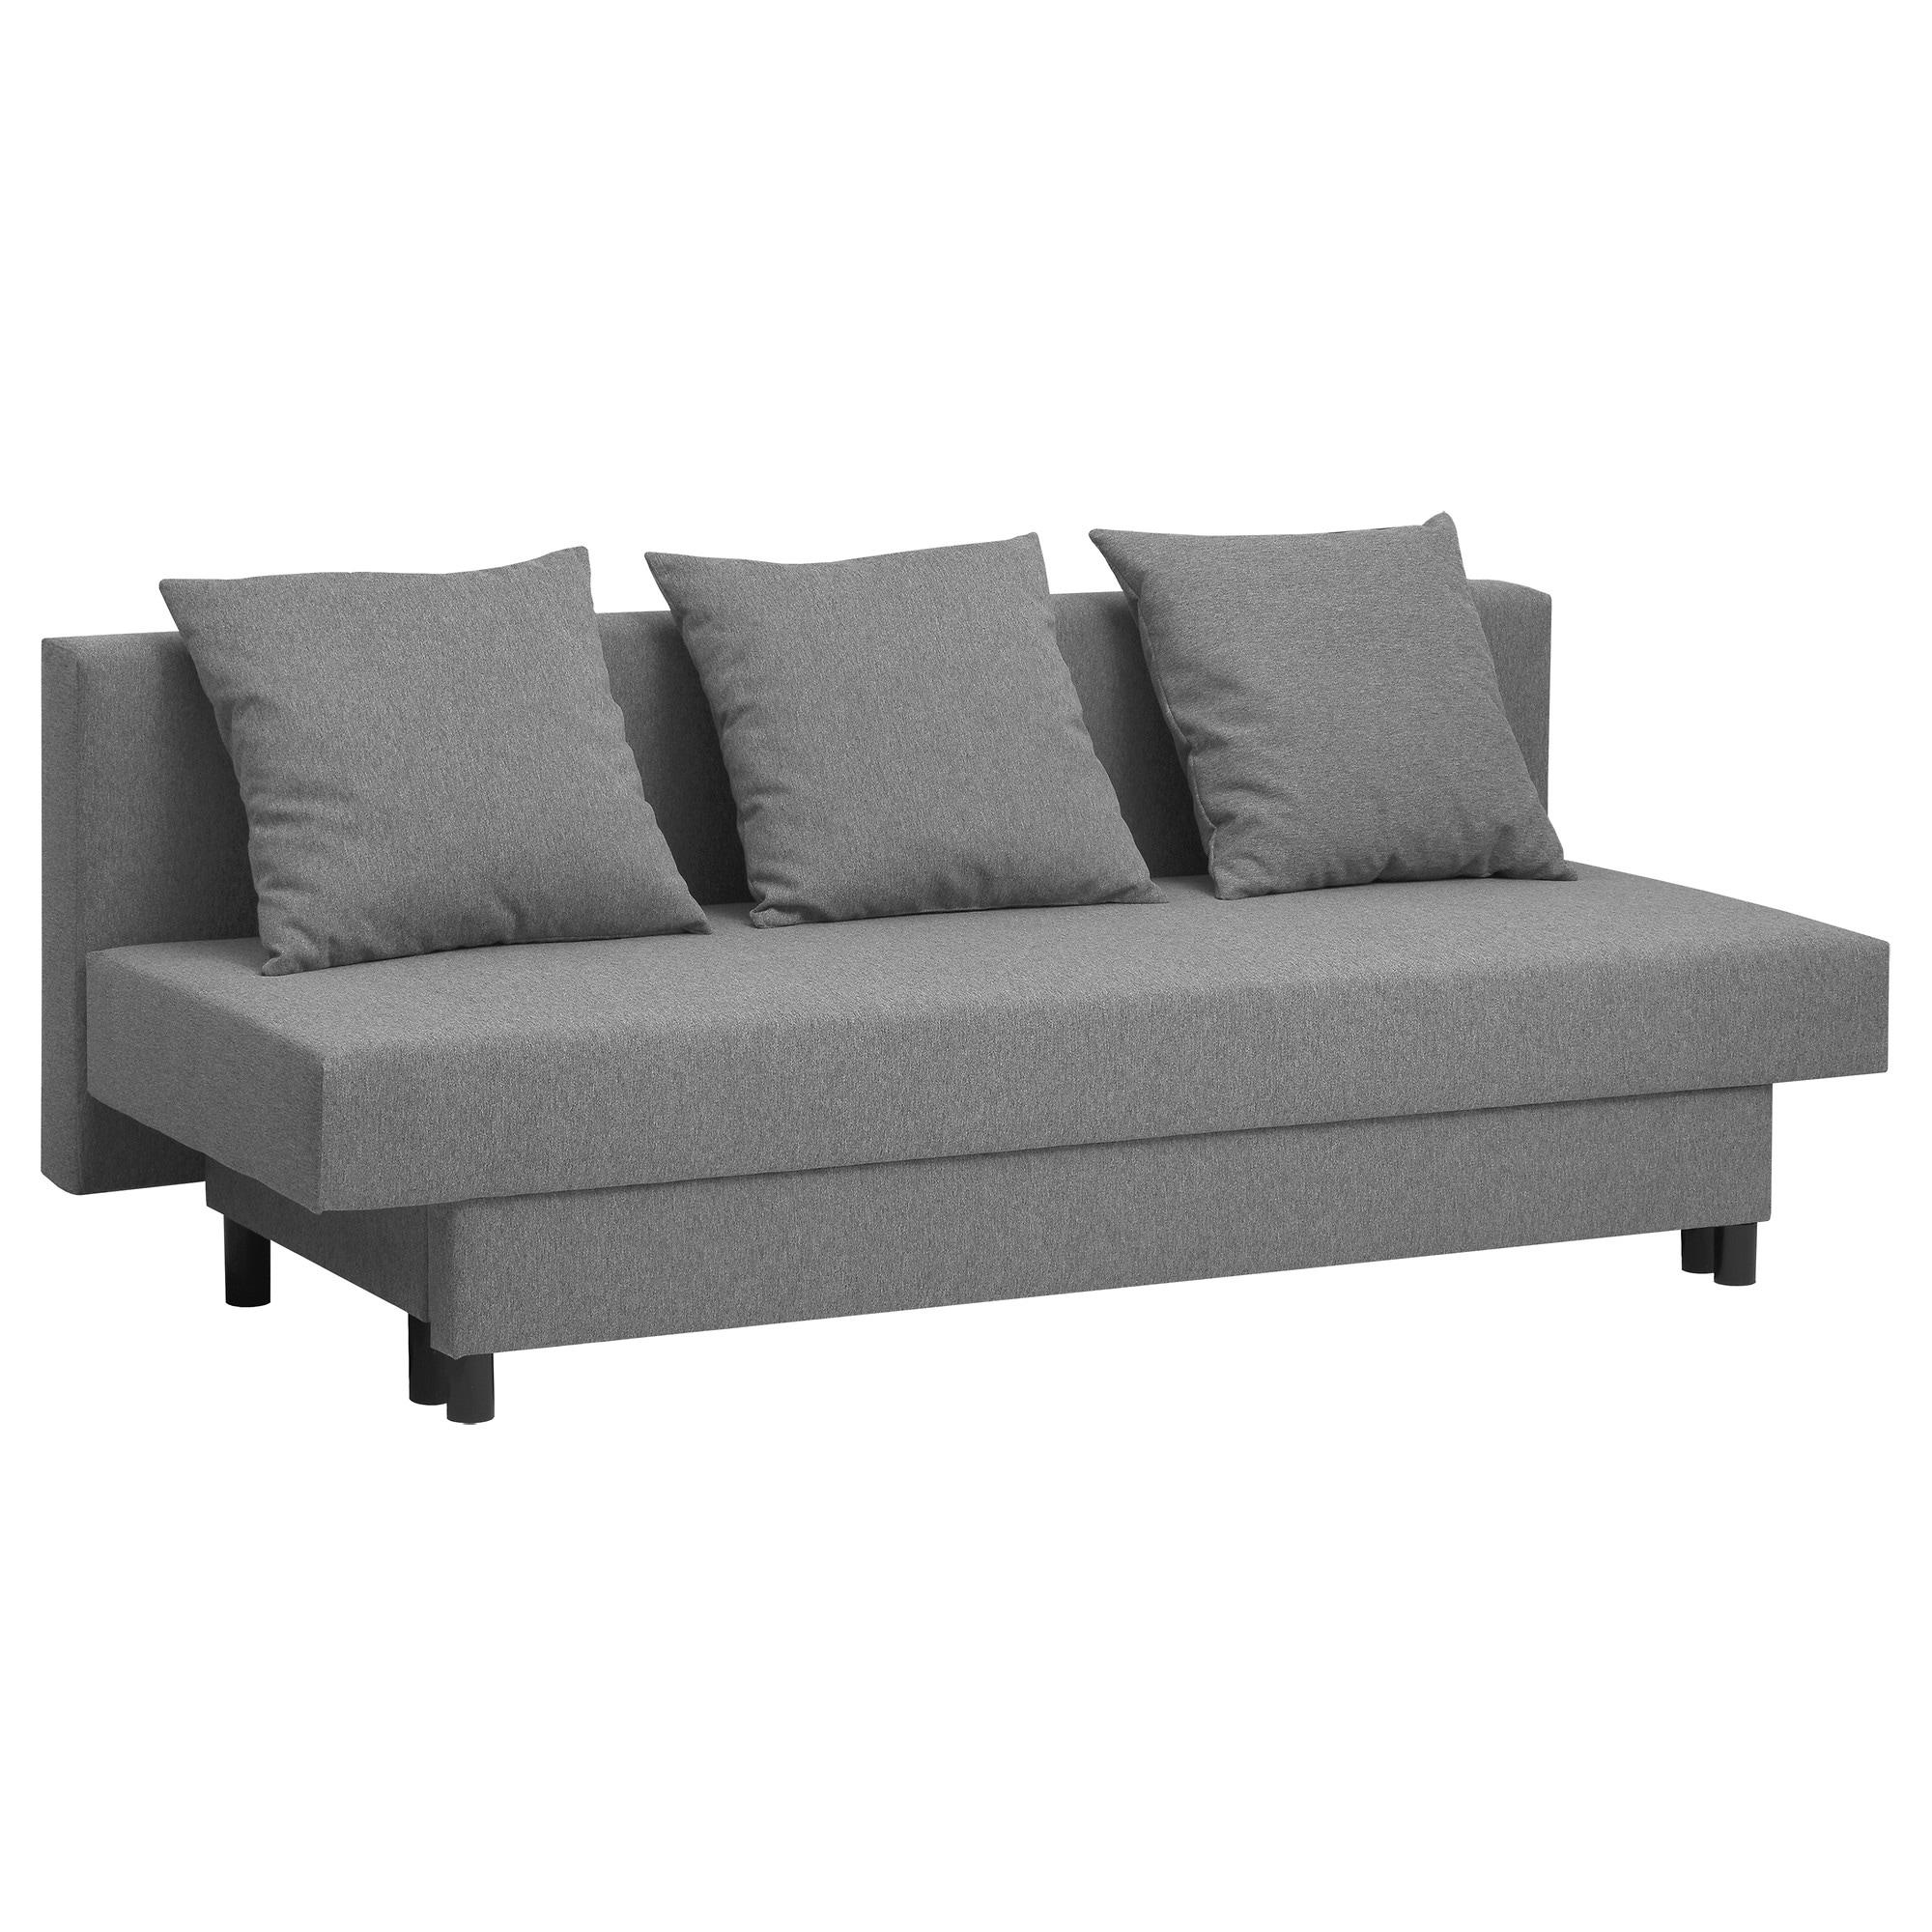 Sofa Cama Italiano Ikea Irdz sofà S Cama De Calidad Pra Online Ikea